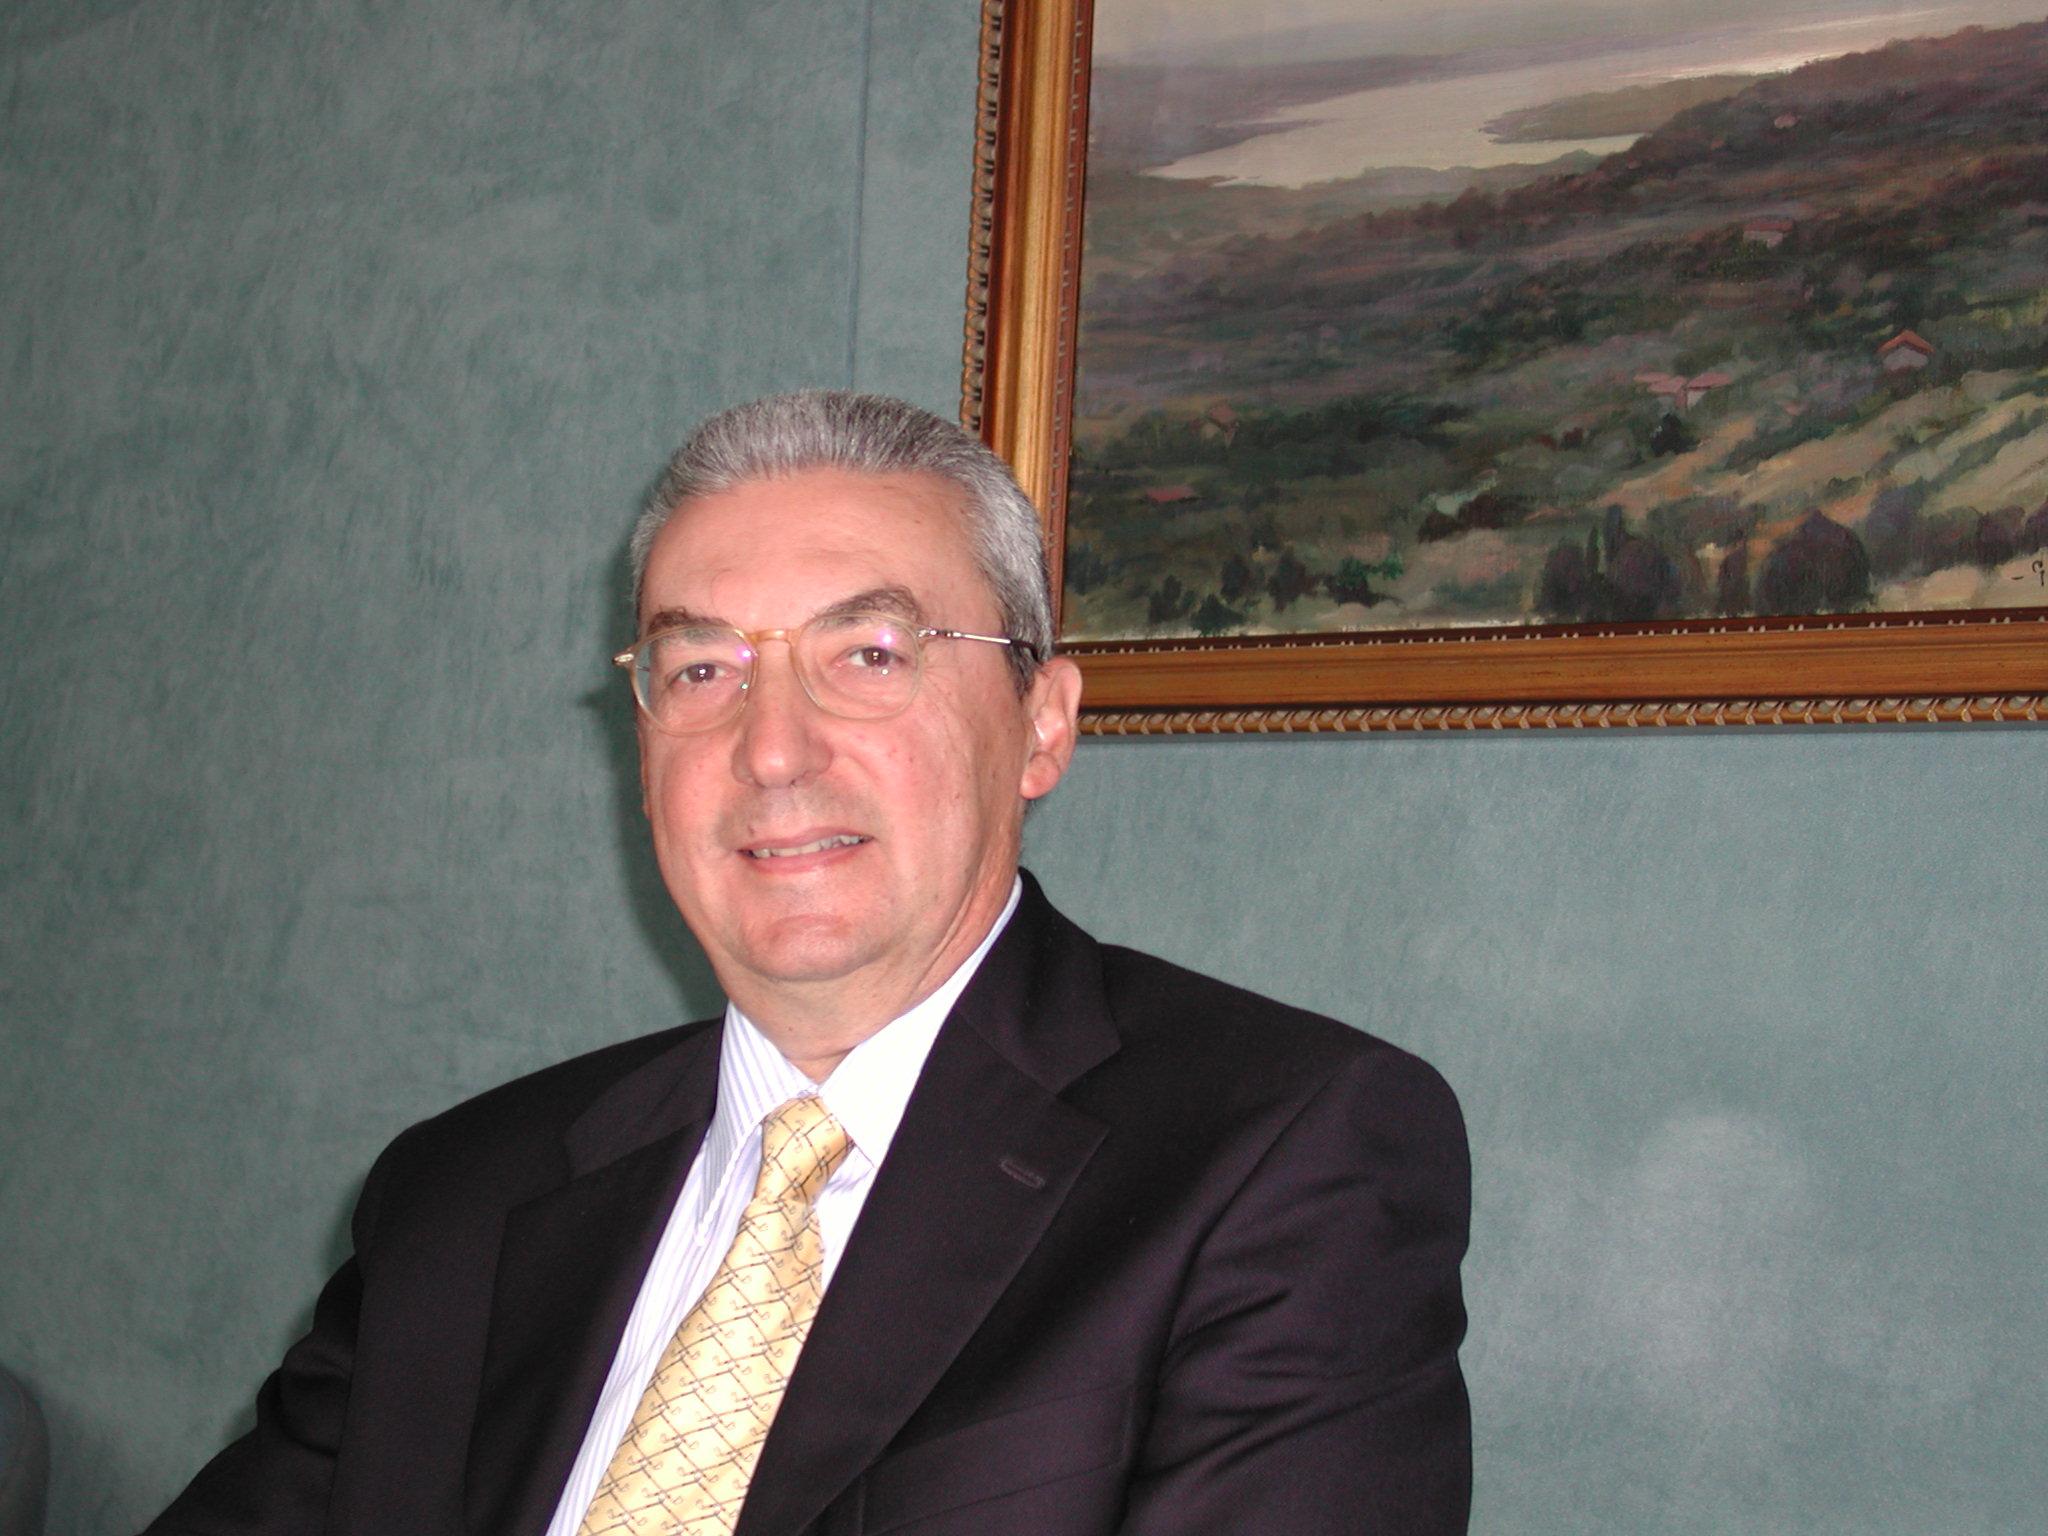 GiorgioAngelucci